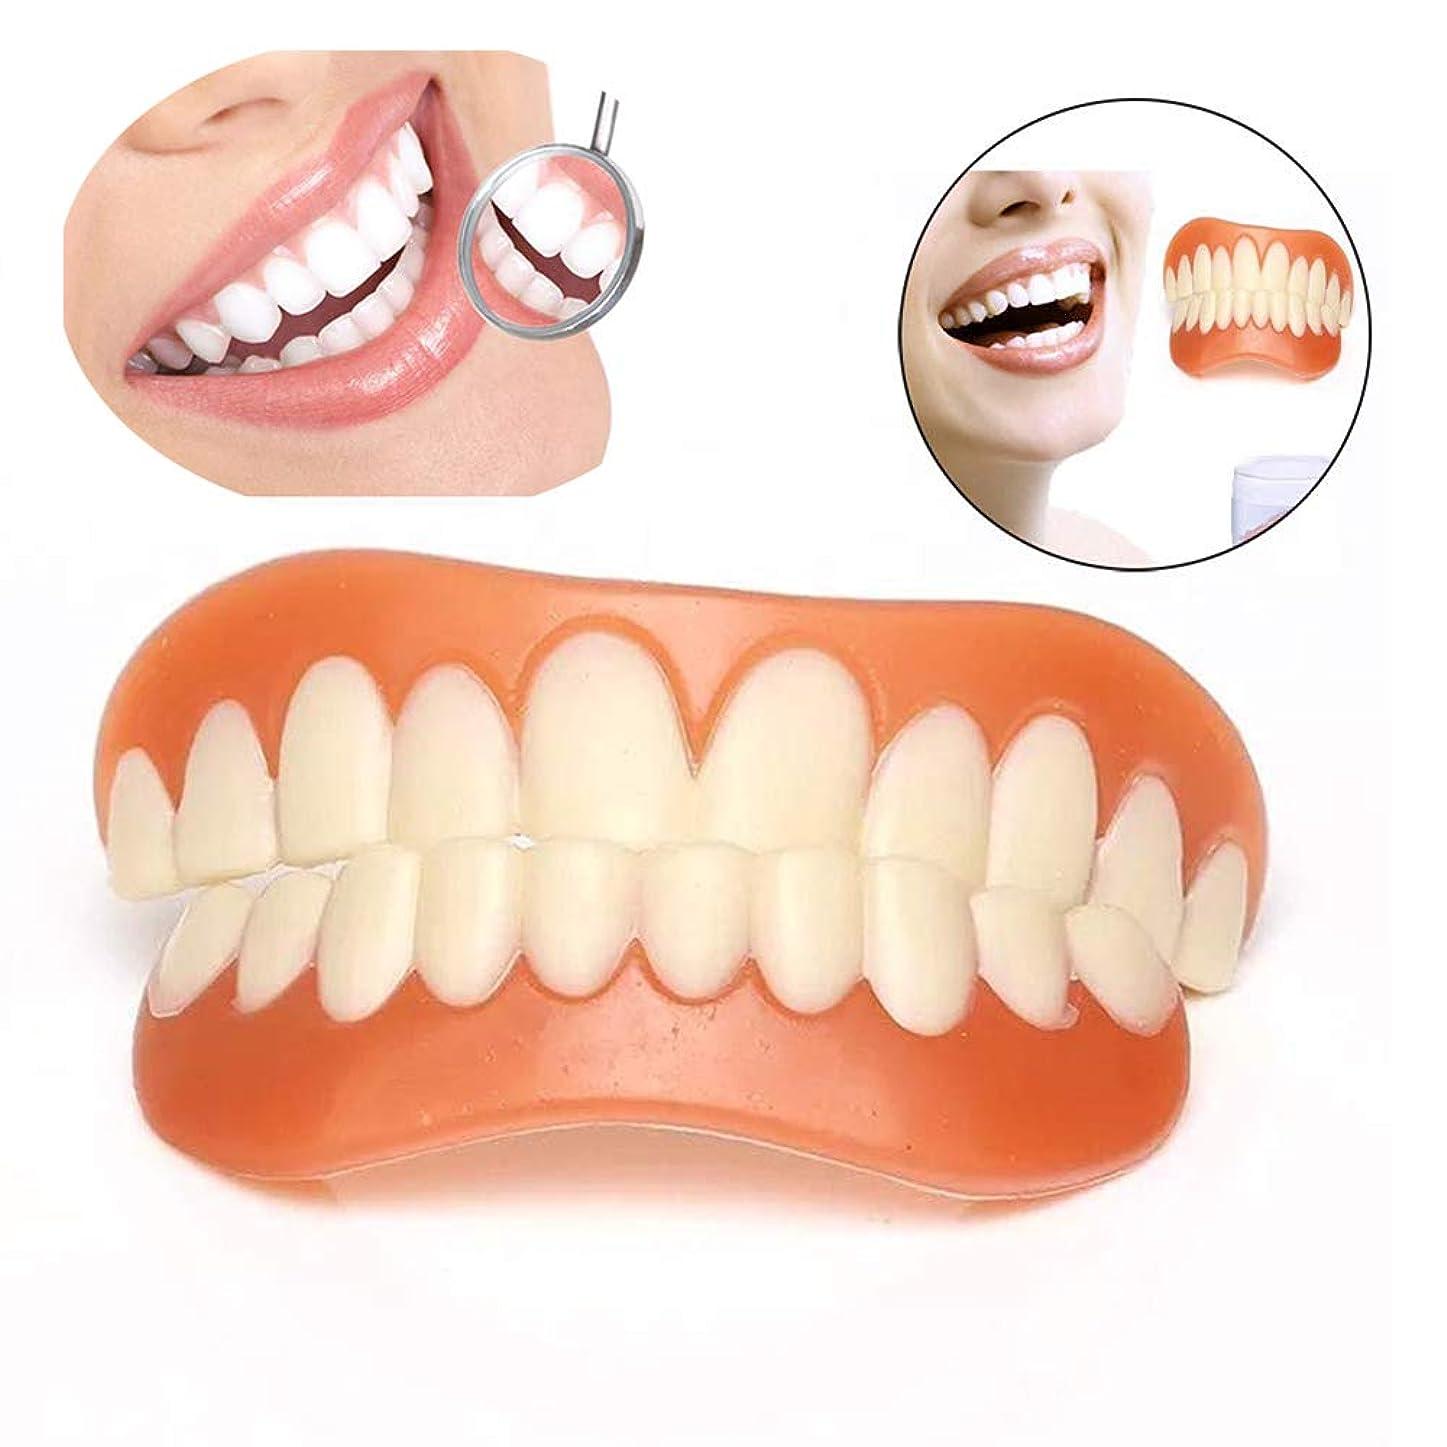 宮殿適合する家具歯科用義歯のケア上下の義歯のカバー率悪い歯を修正する新しいスマイリーフェイスシリコンブレースを白くする,70pairs